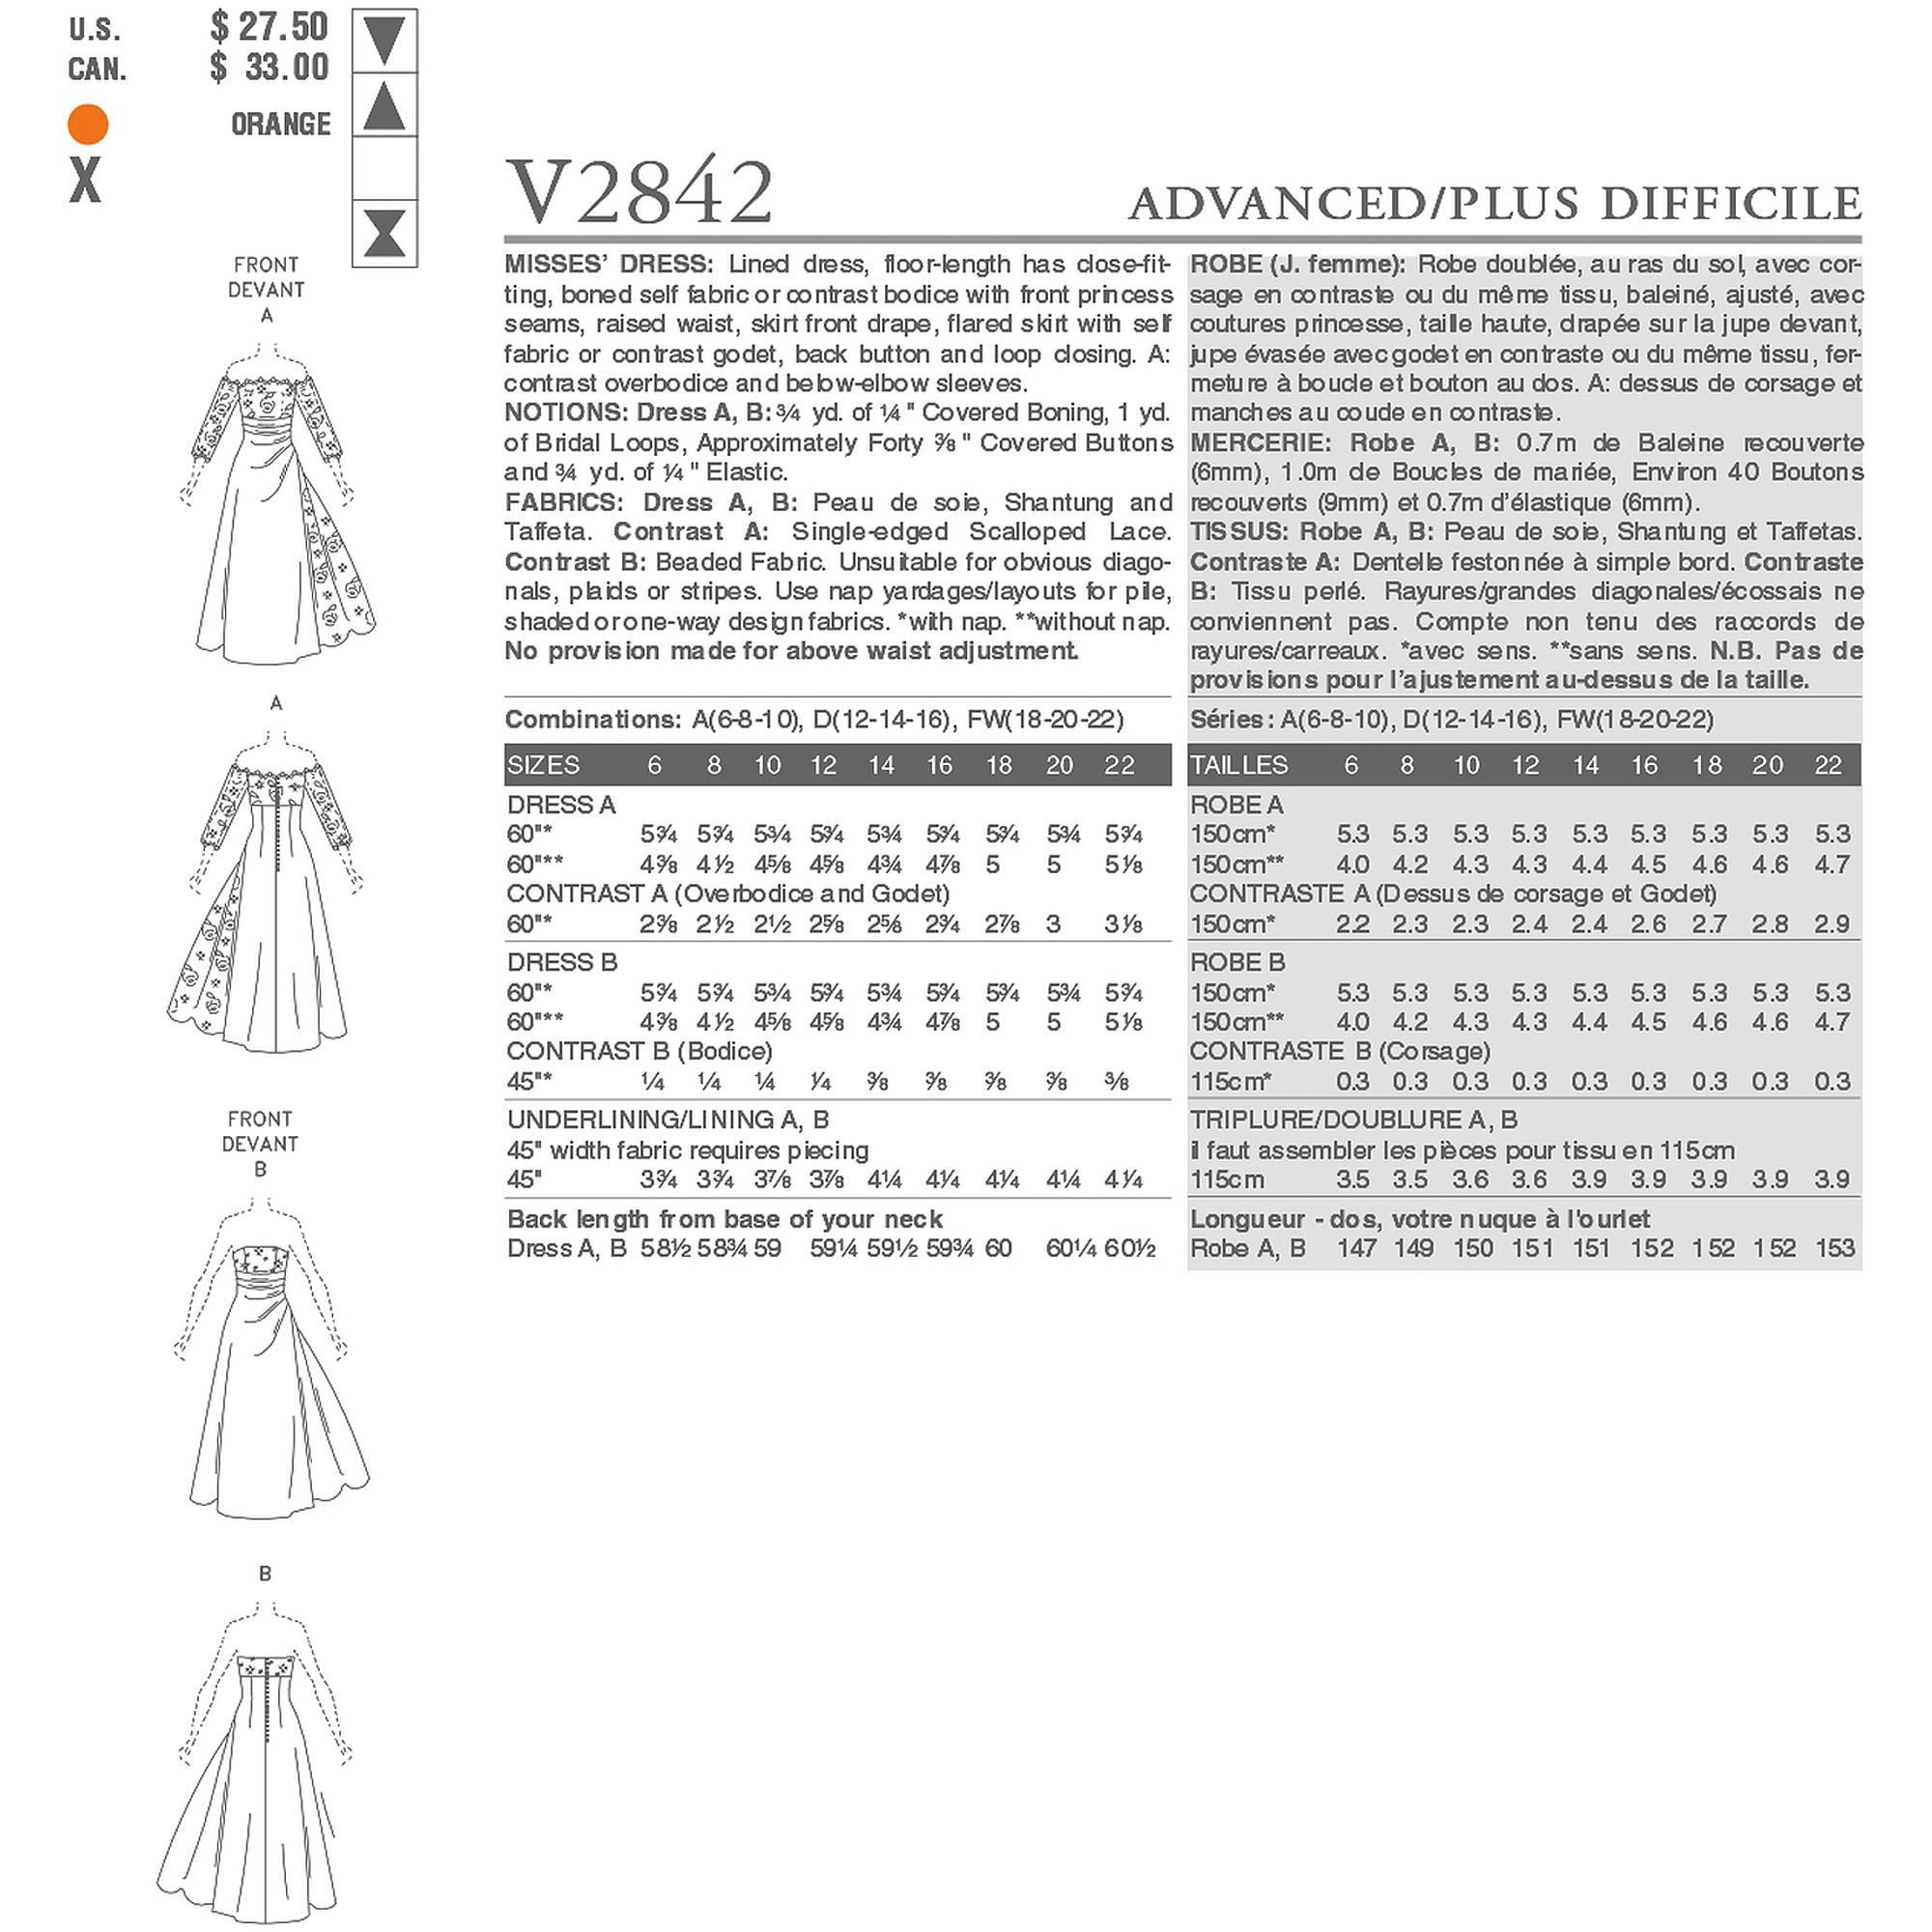 Vogue Pattern Misses' Dress, FW (18, 20, 22)